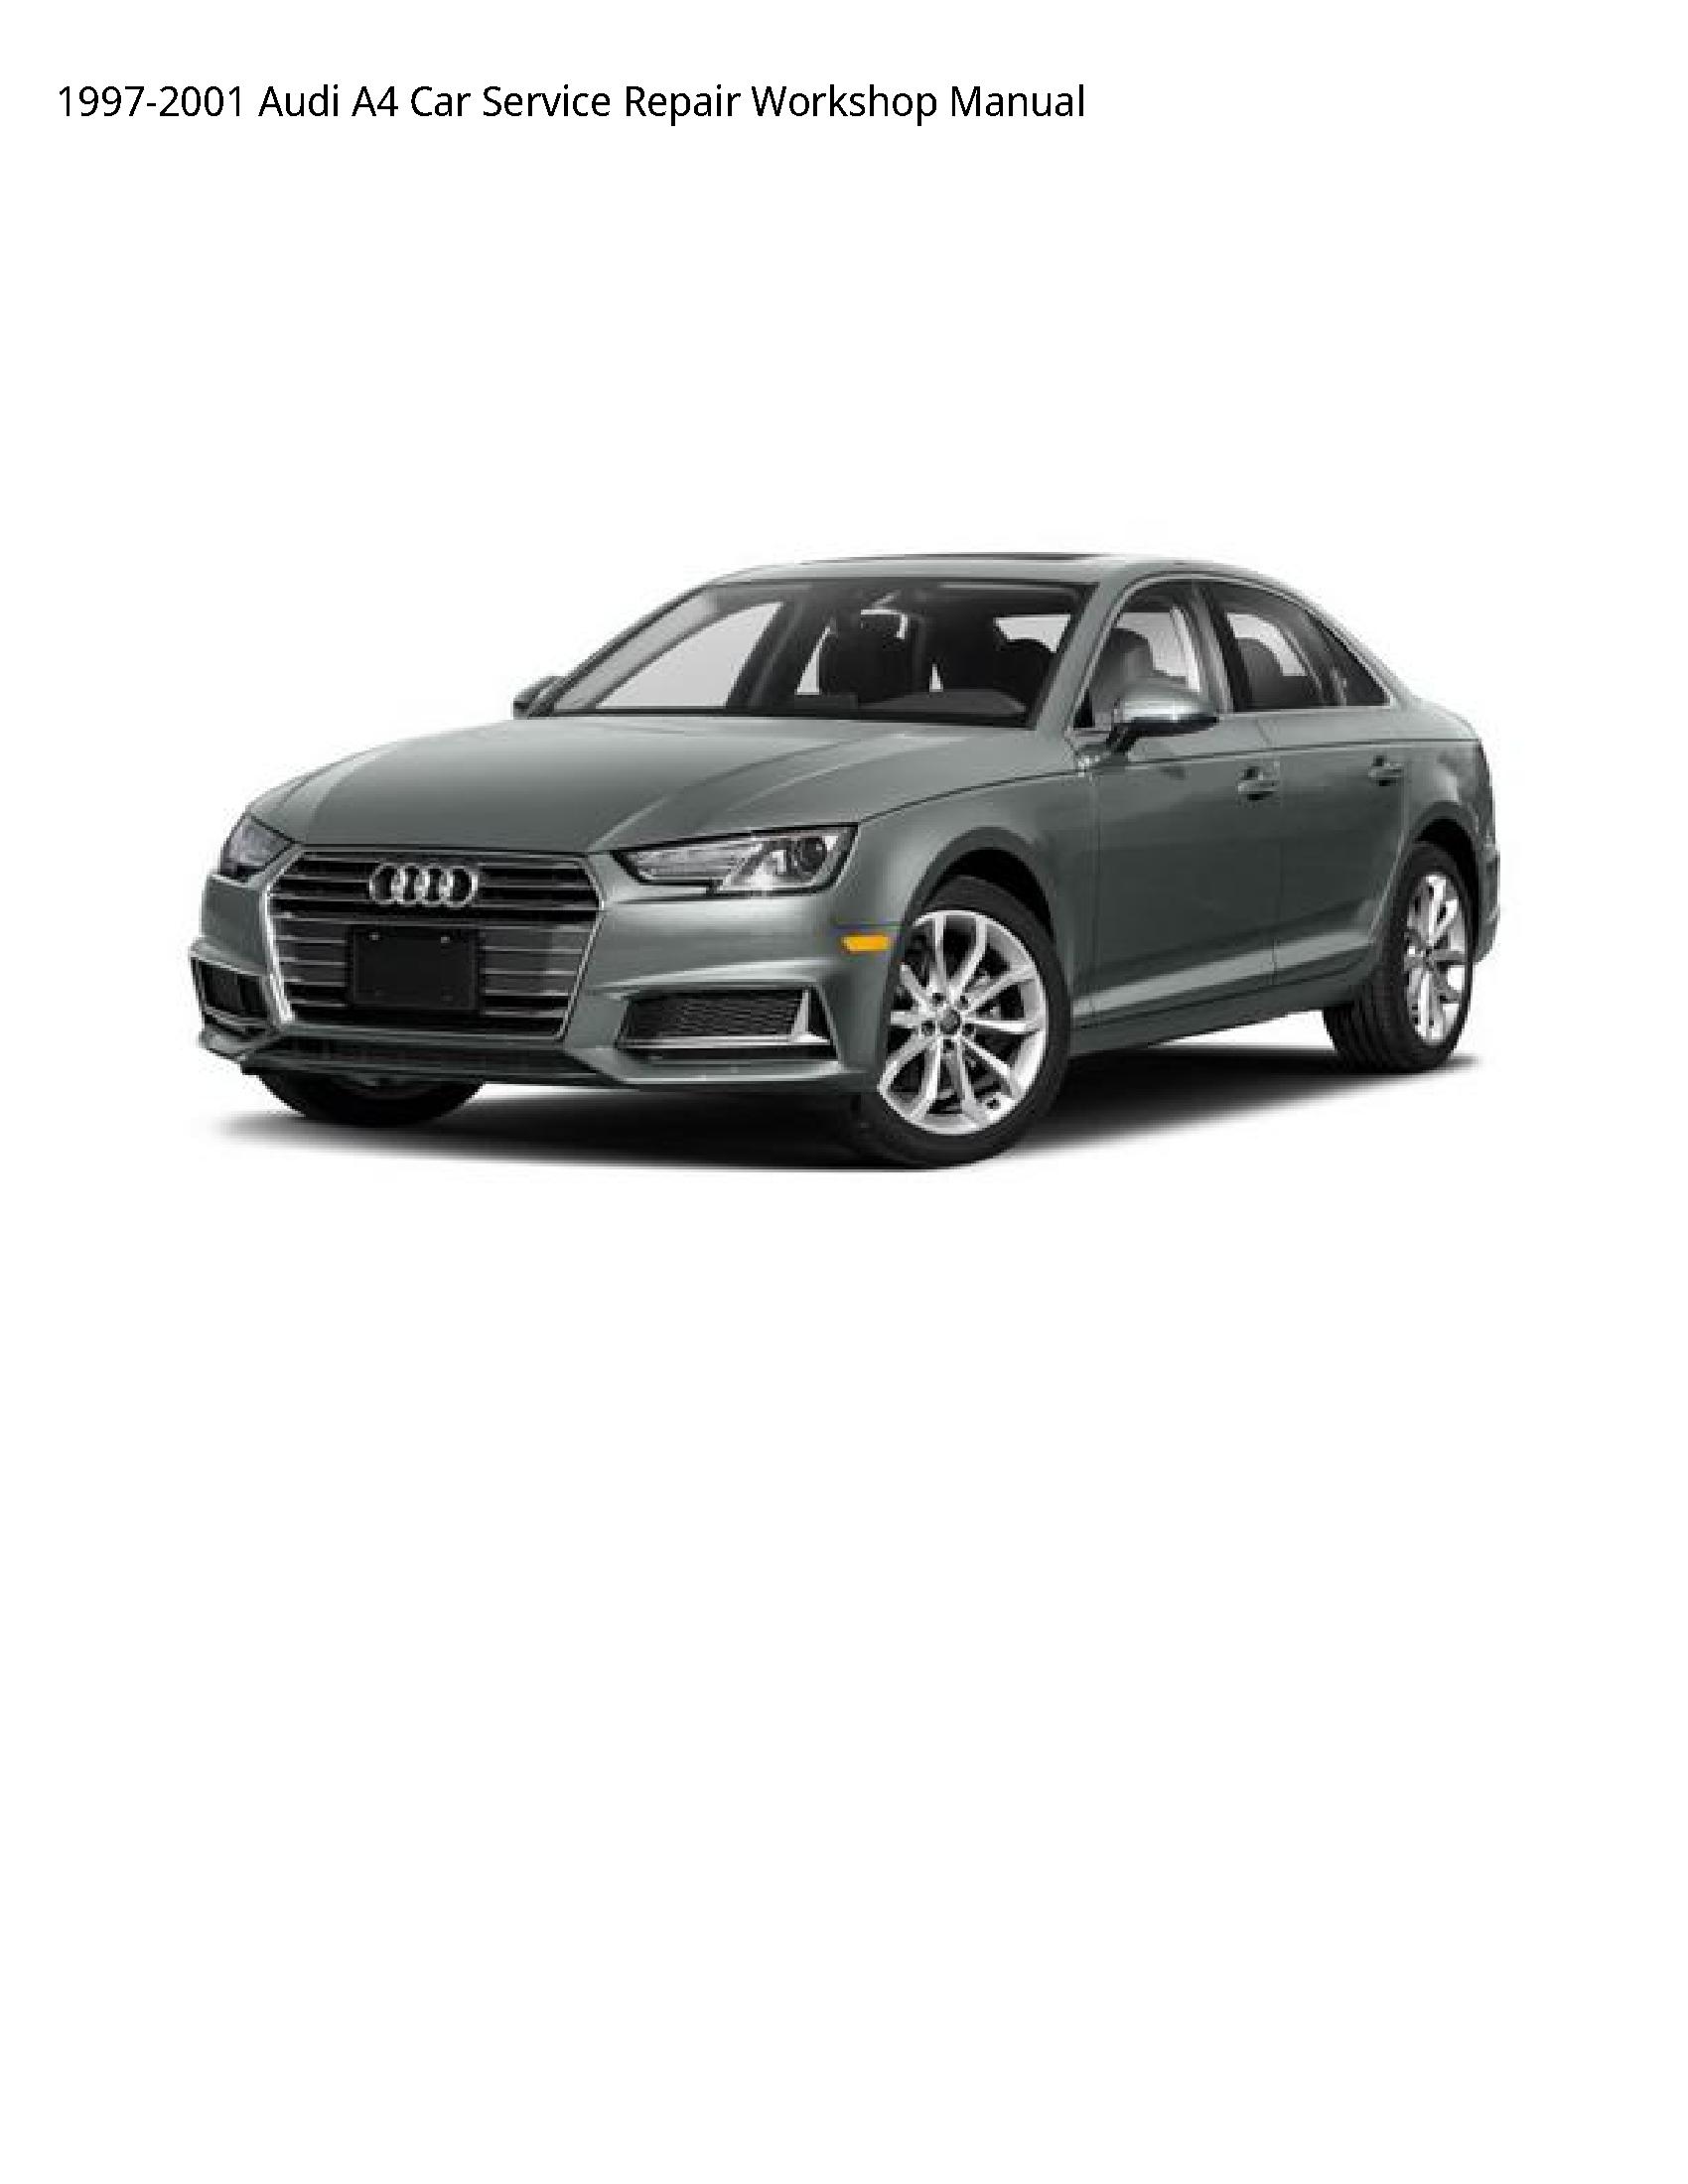 Audi A4 Car manual